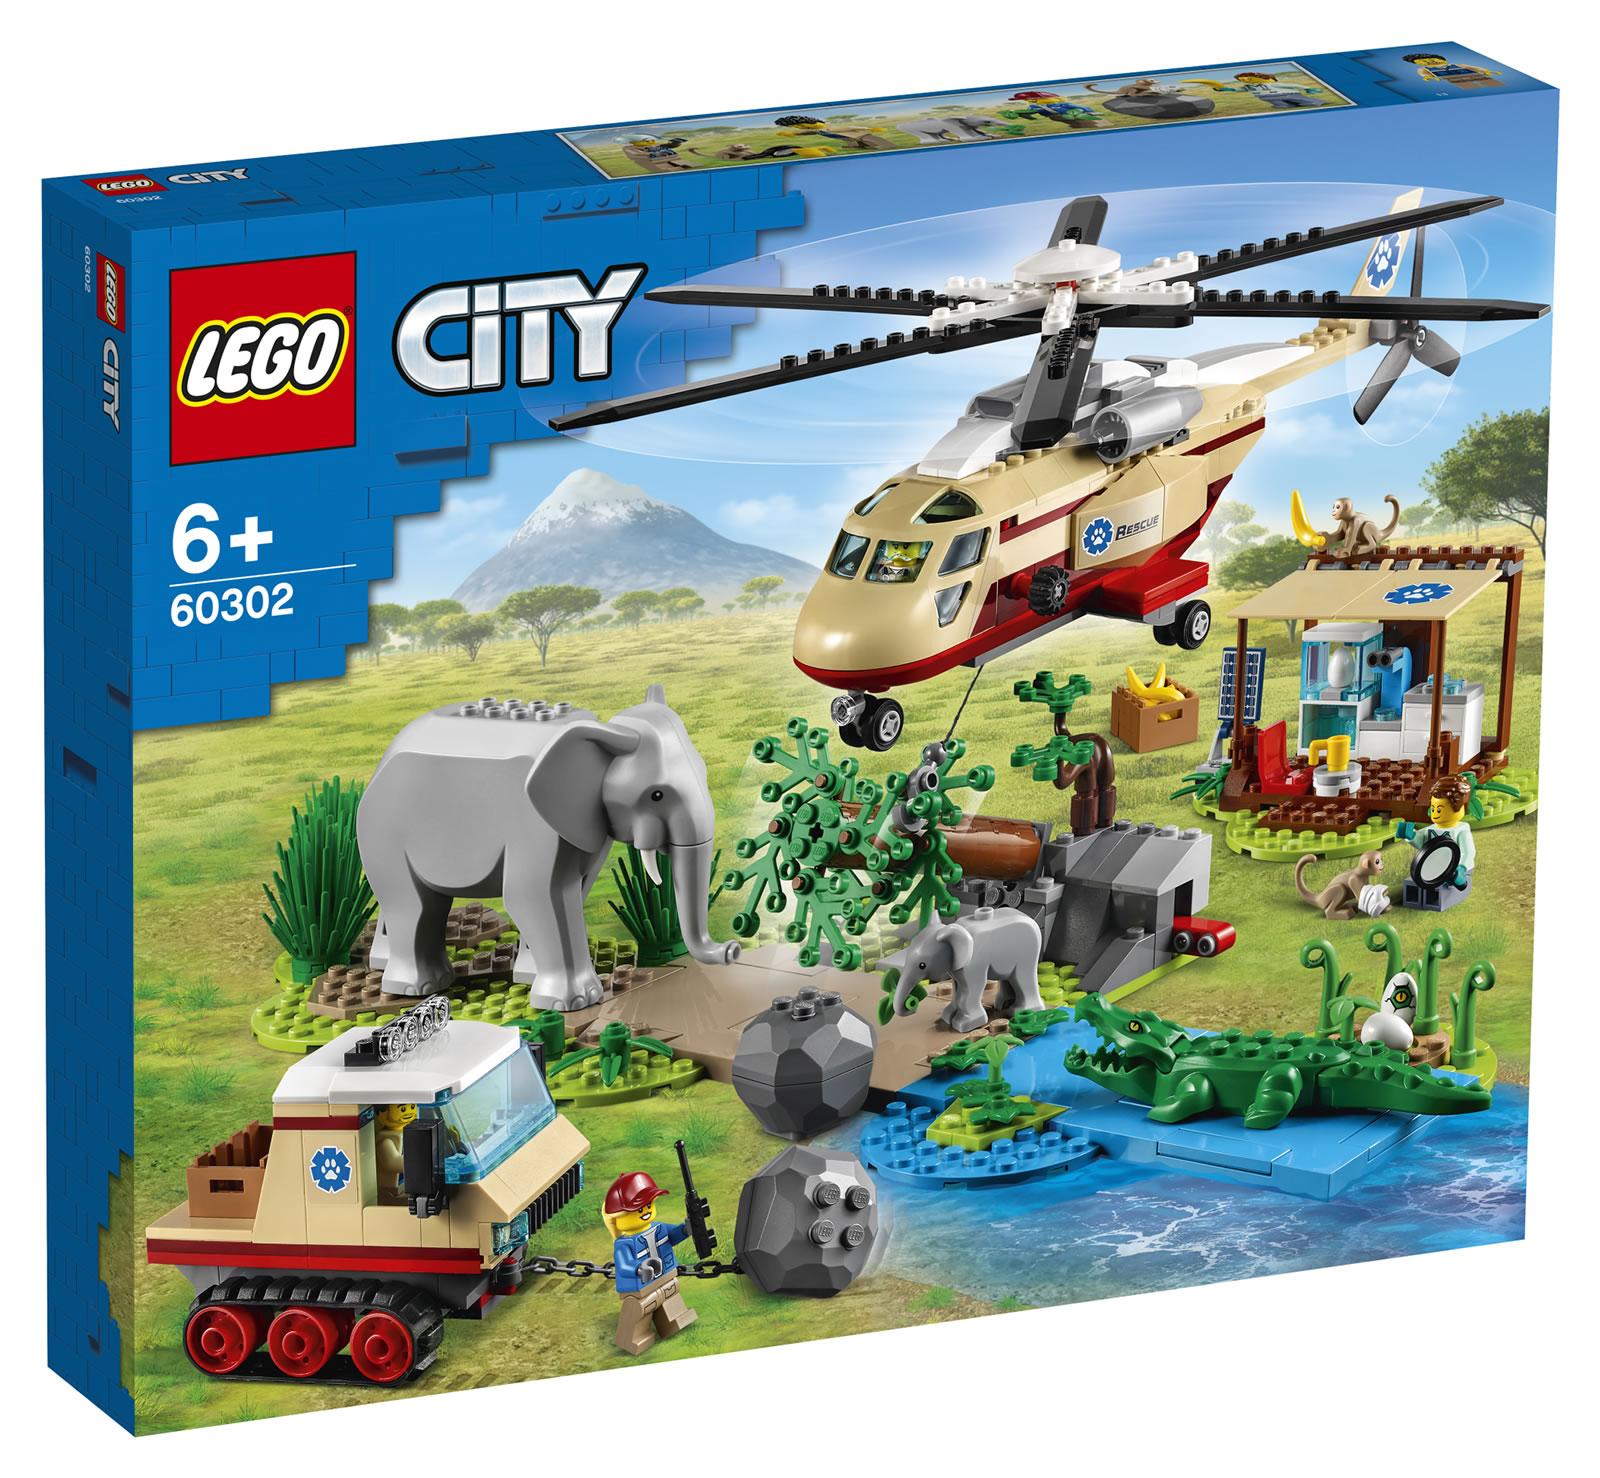 LEGO City Wildlife Summer 2021 Sets Revealed - The Brick Fan